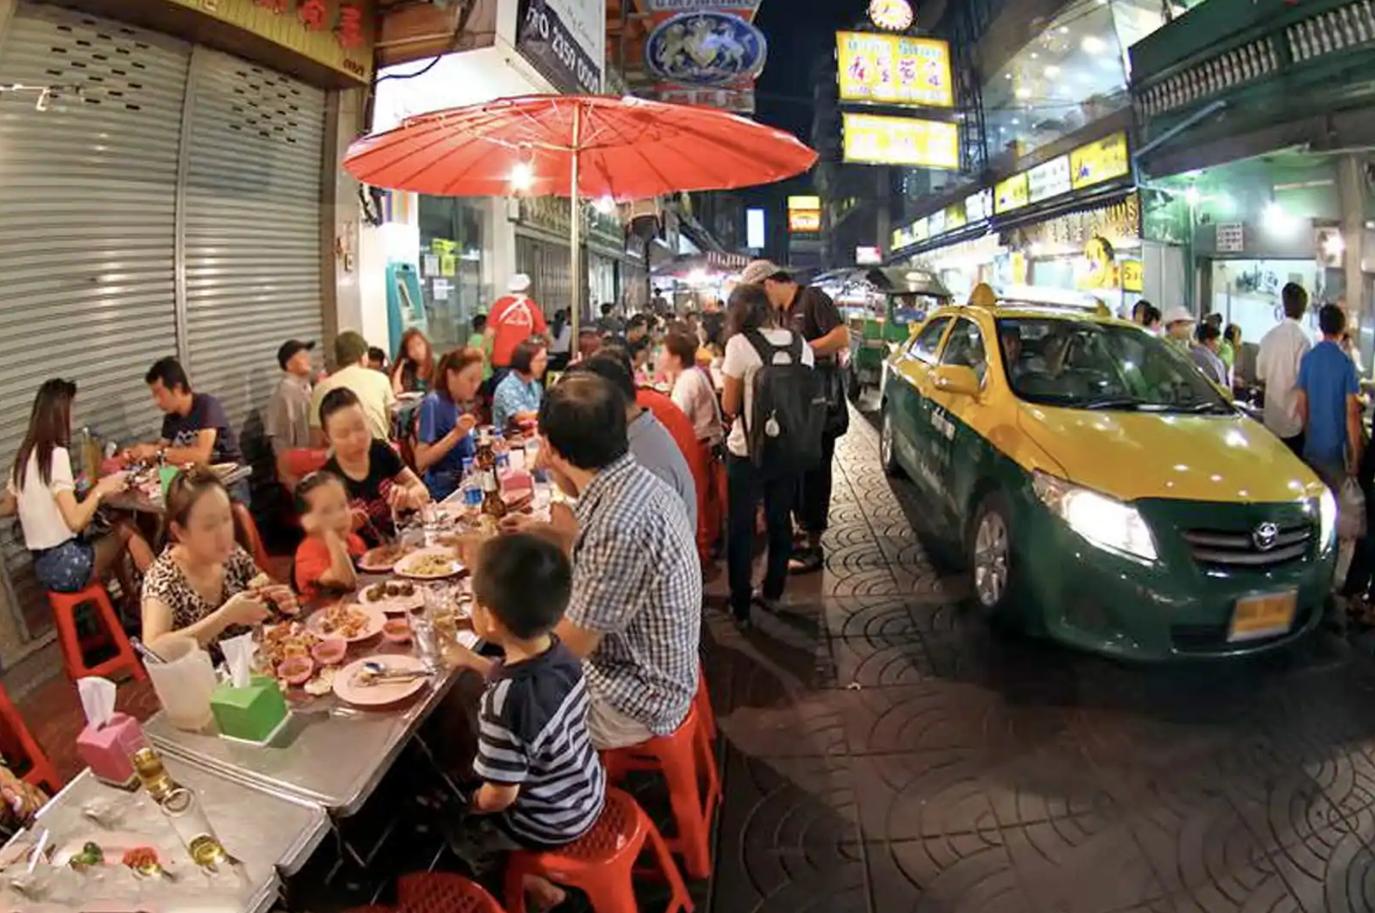 nhung bat ngo khi kham pha am thuc duong pho bangkok